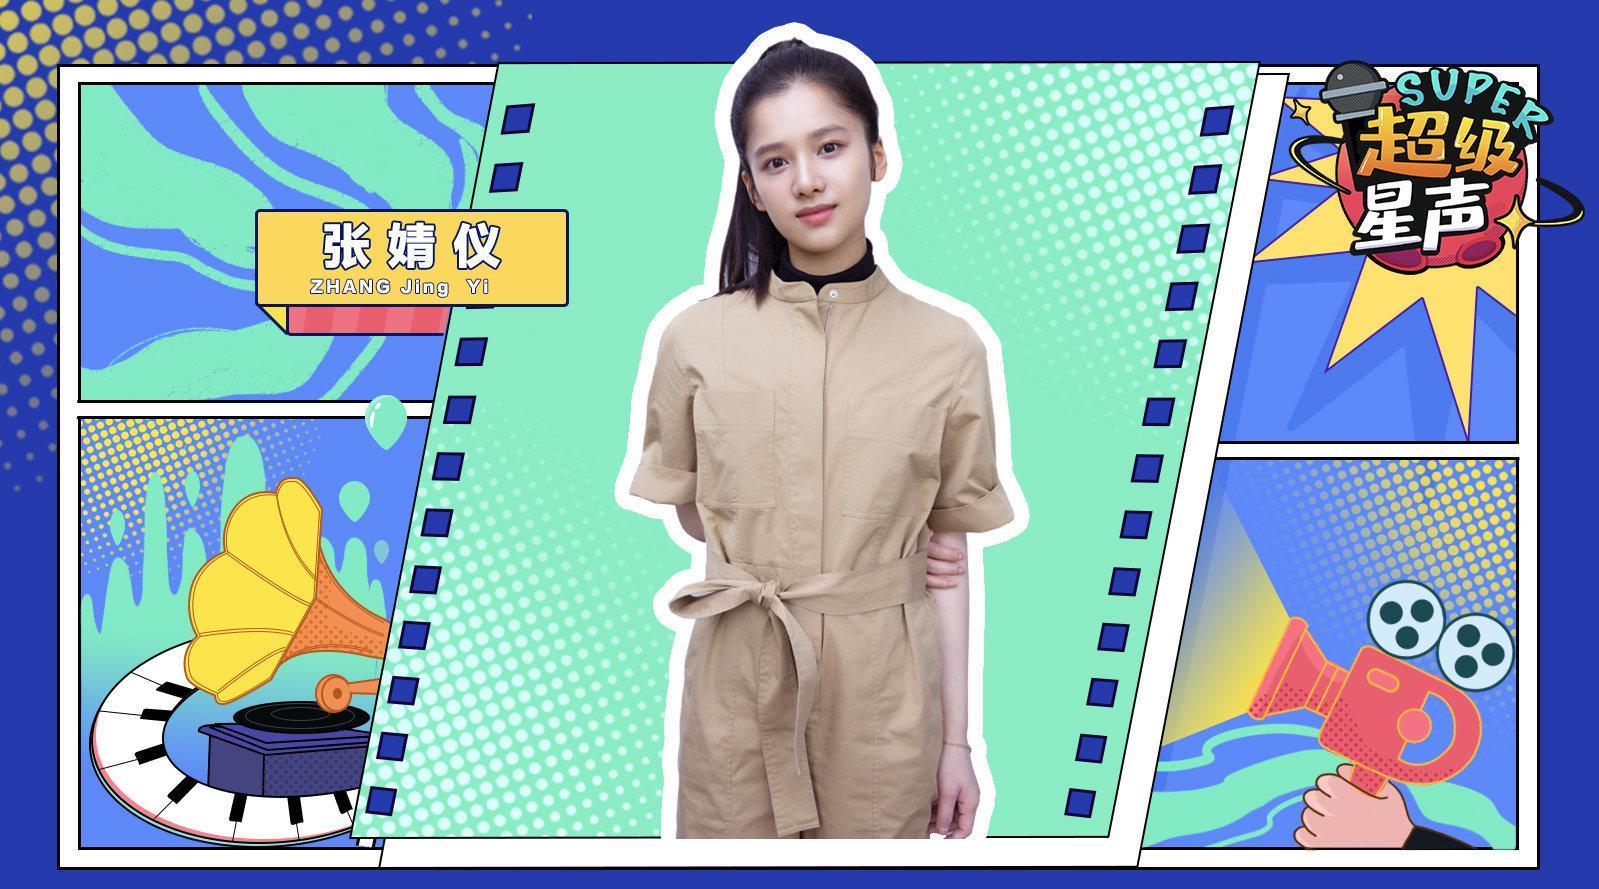 """X@张婧仪 """"酷的像风,野的像狗"""" 是李安然的青春……"""